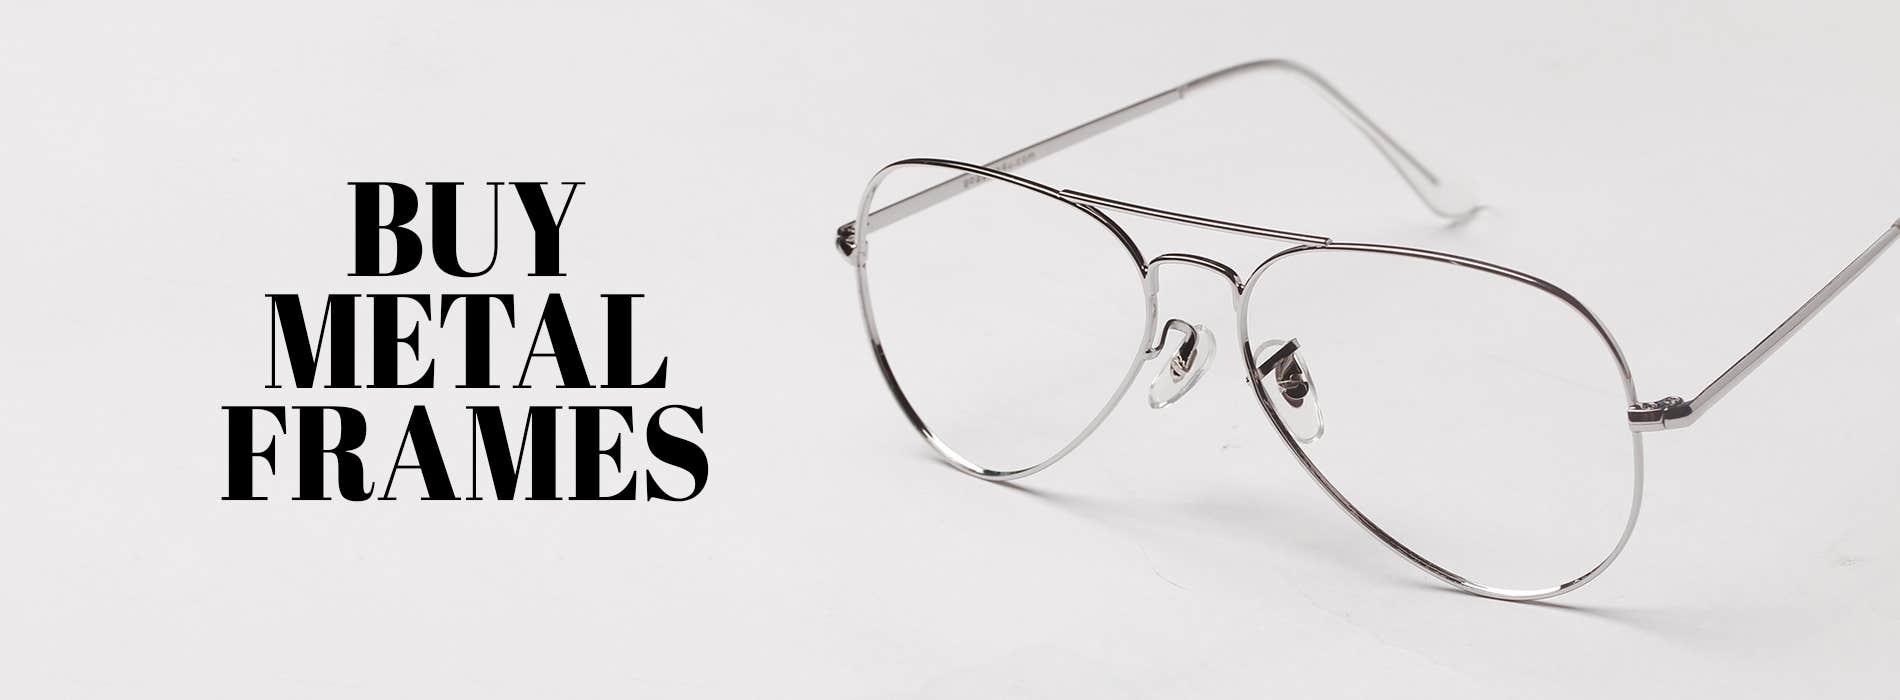 Buy Metal Frames at Goggles4U UK